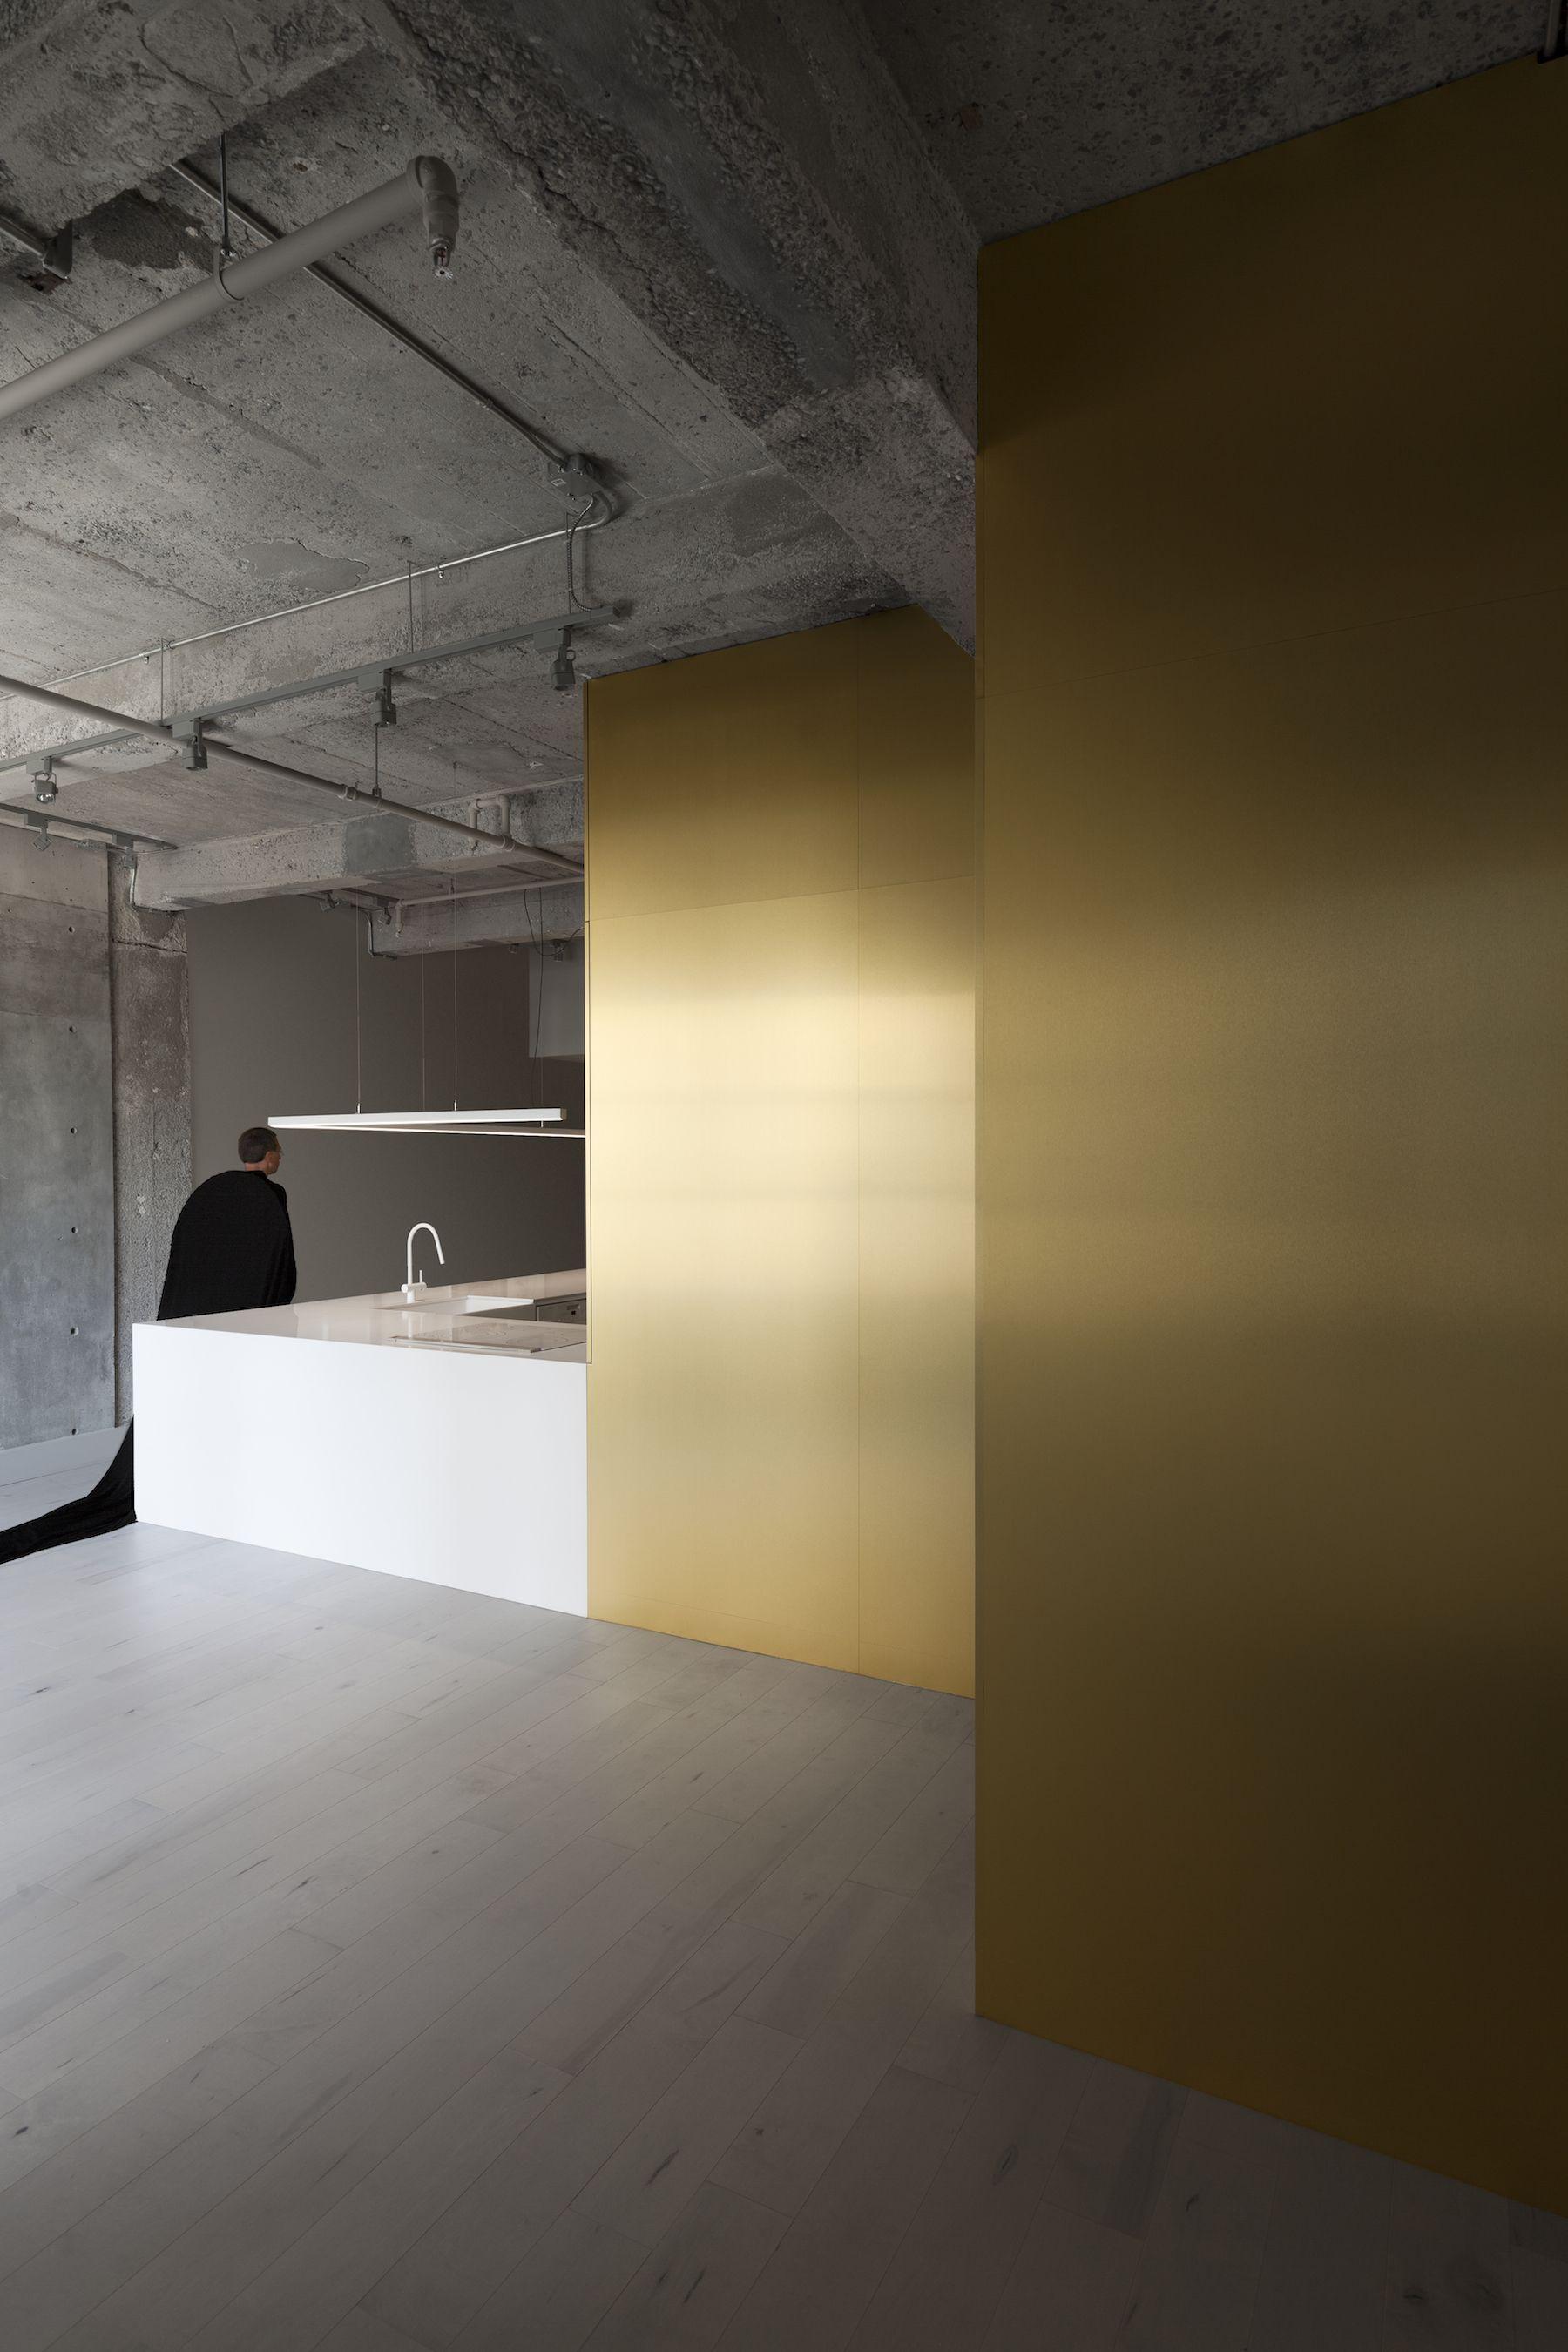 In 3 leibal revêtement mural parement mural architecte portfolio agencement interieur